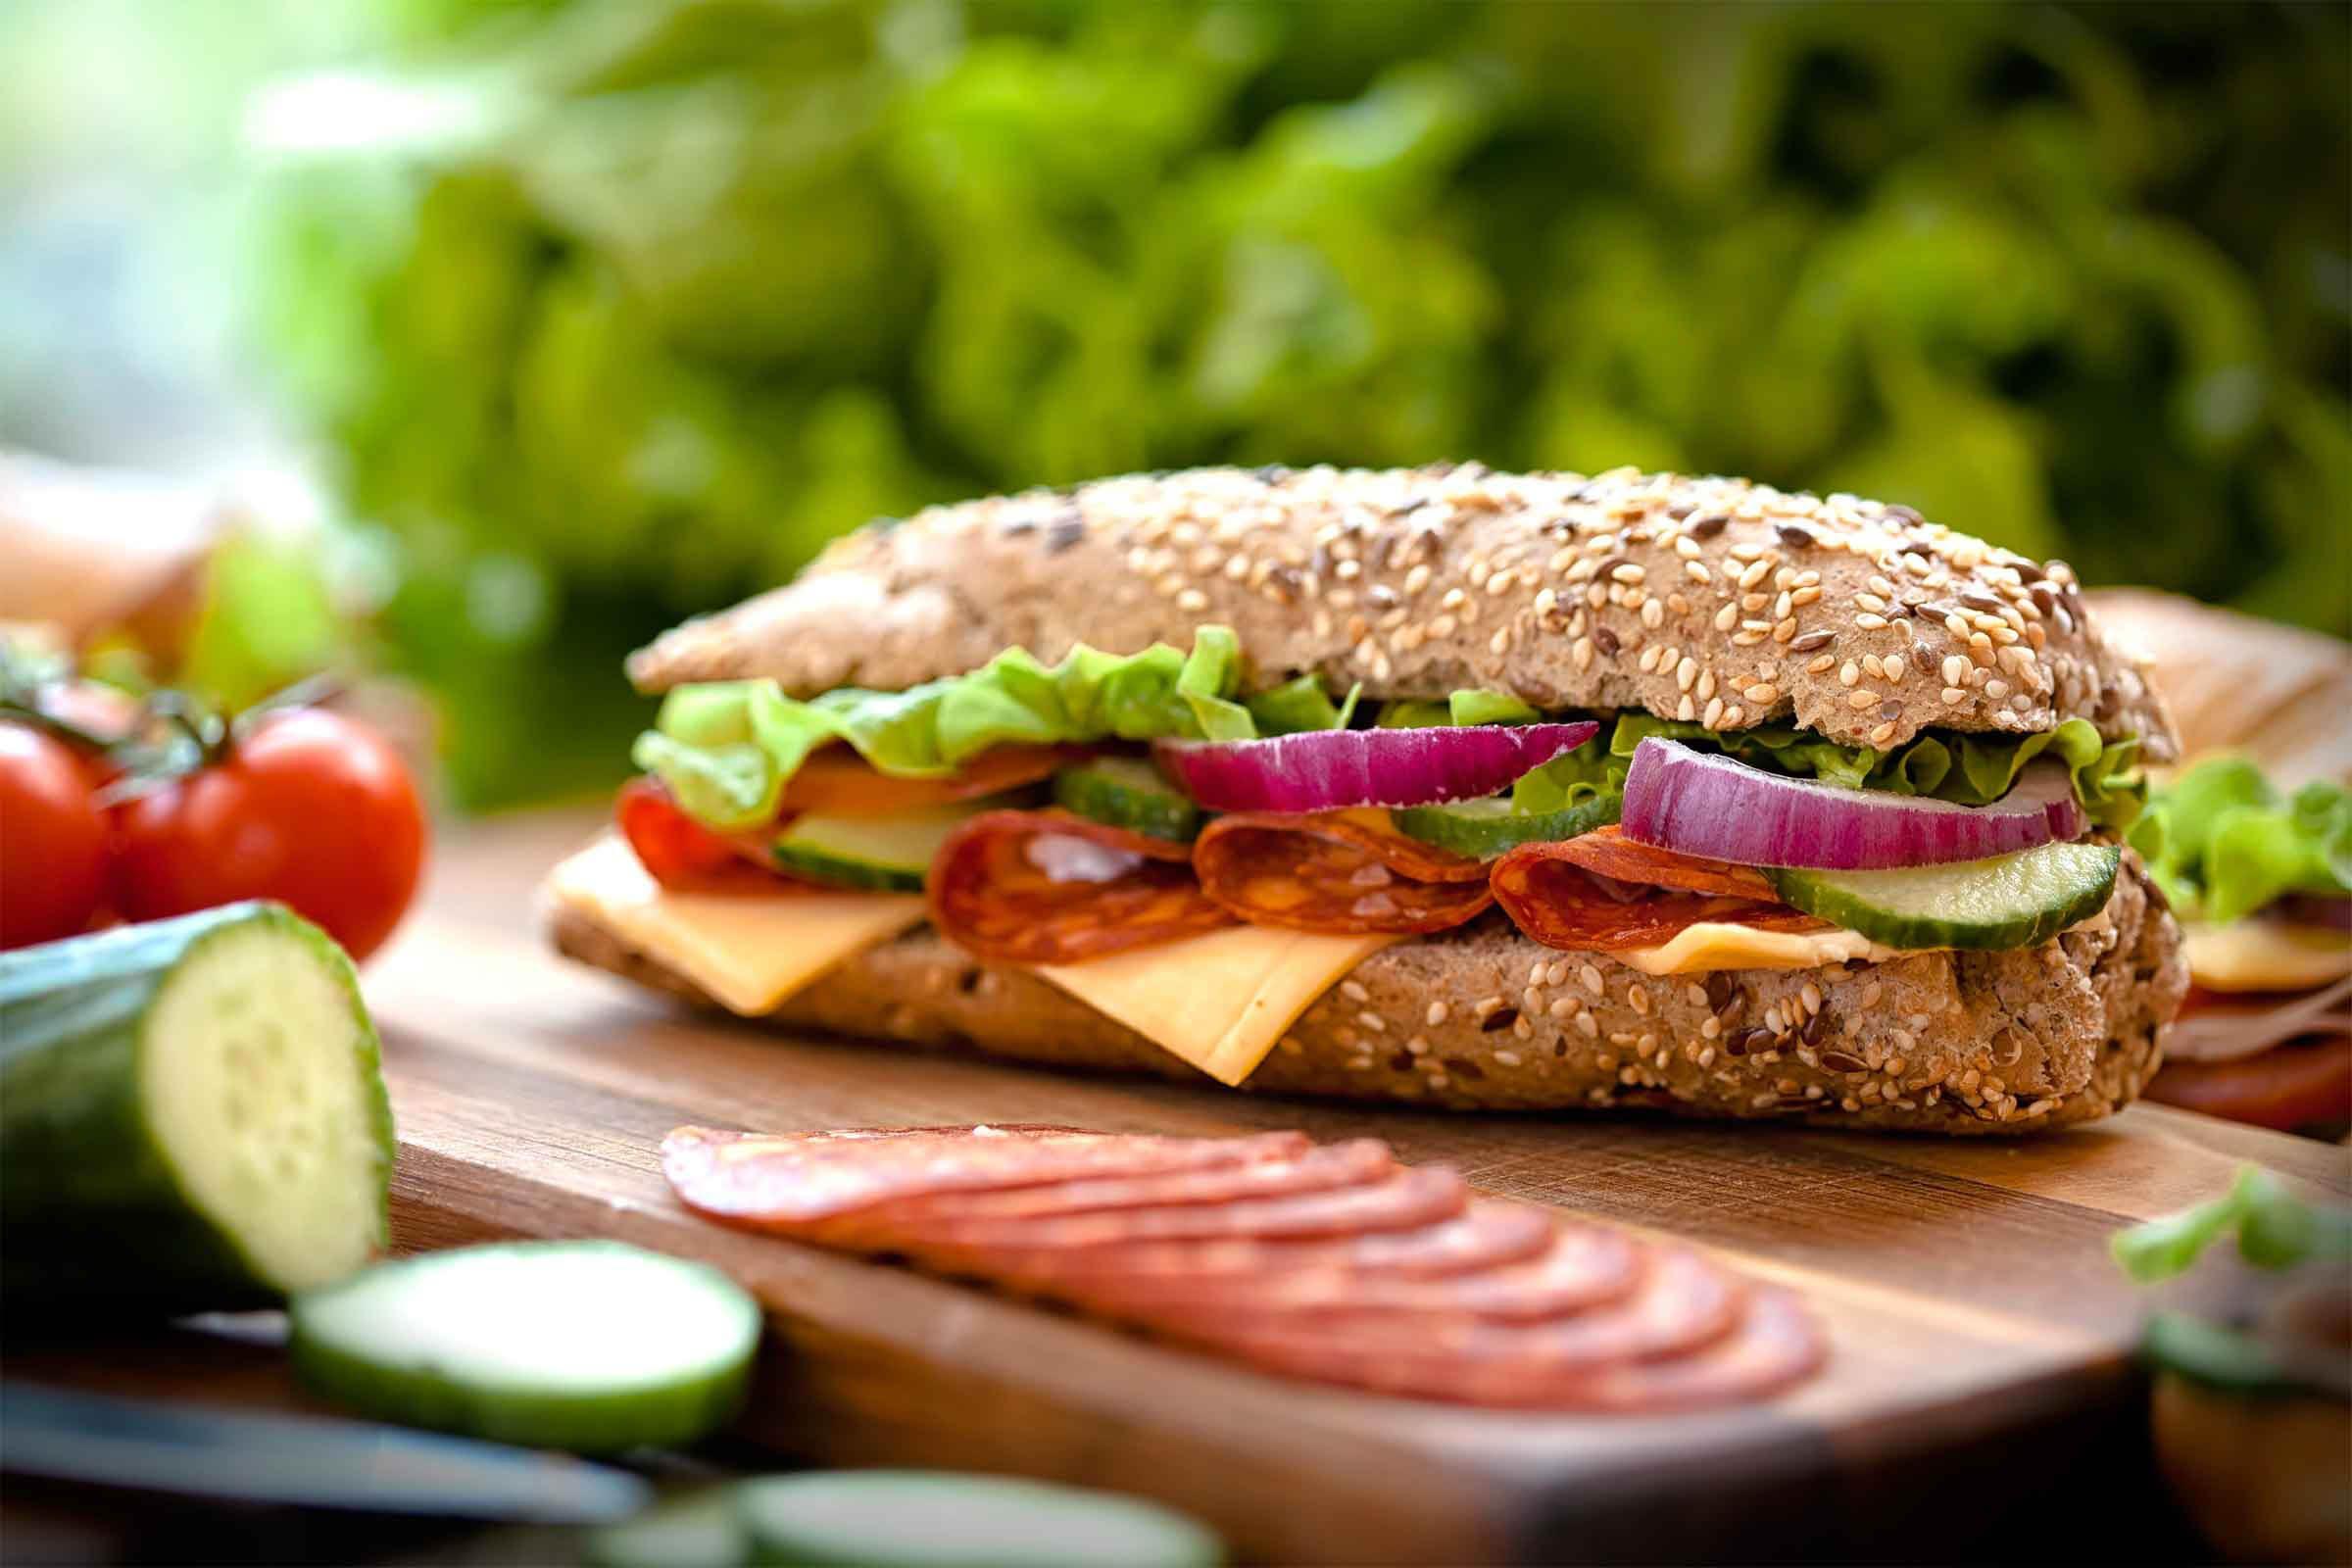 Durant votre pause repas, n'avalez pas tout un sandwich.